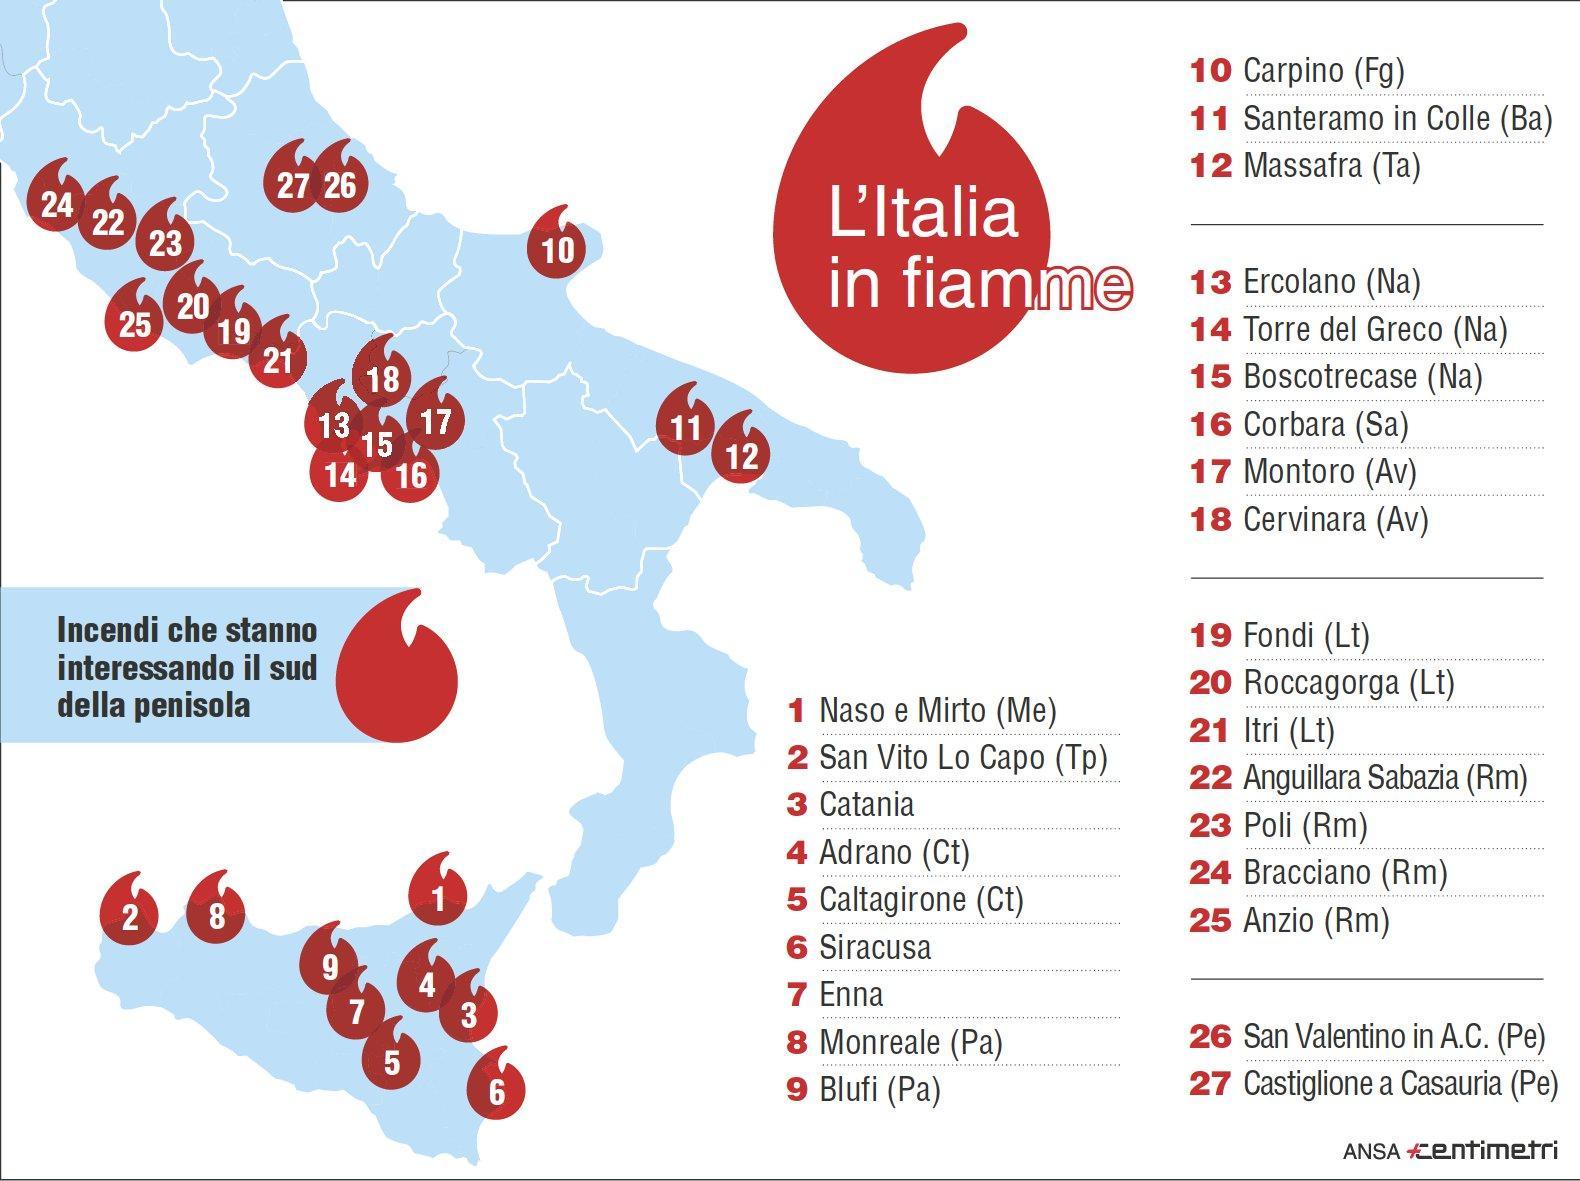 La mappa degli incendi nel Sud Italia